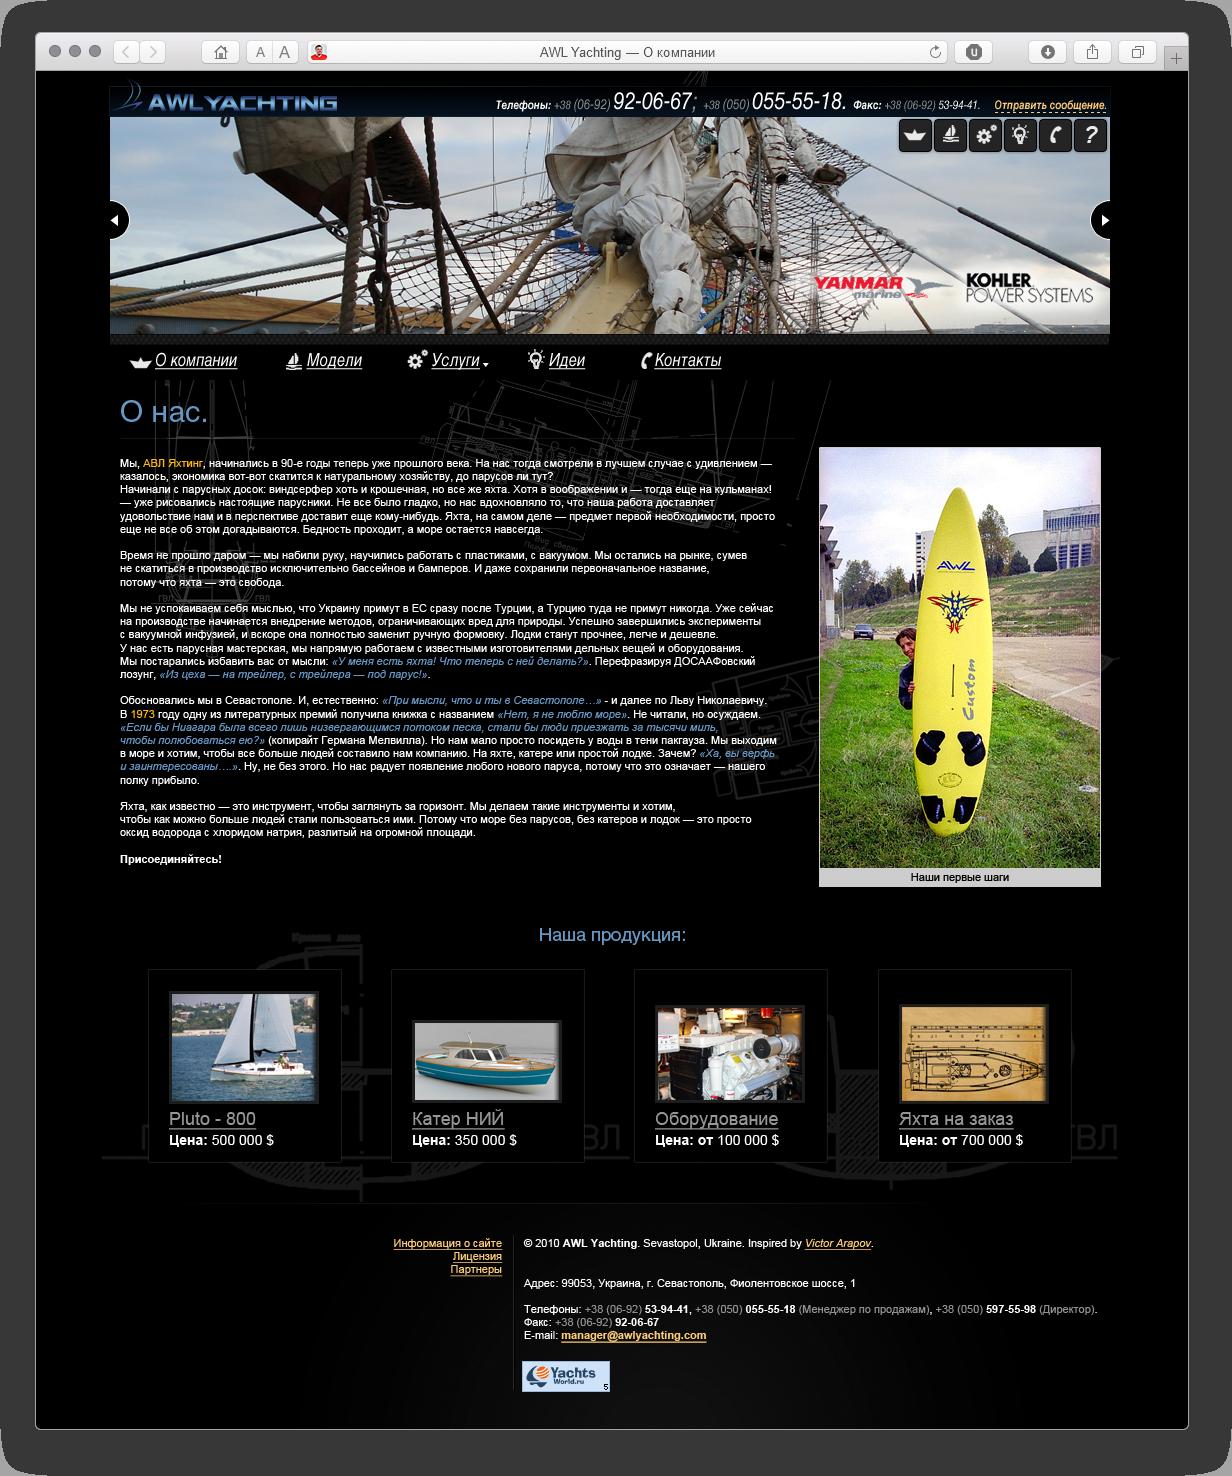 Архив: AWL Yachting